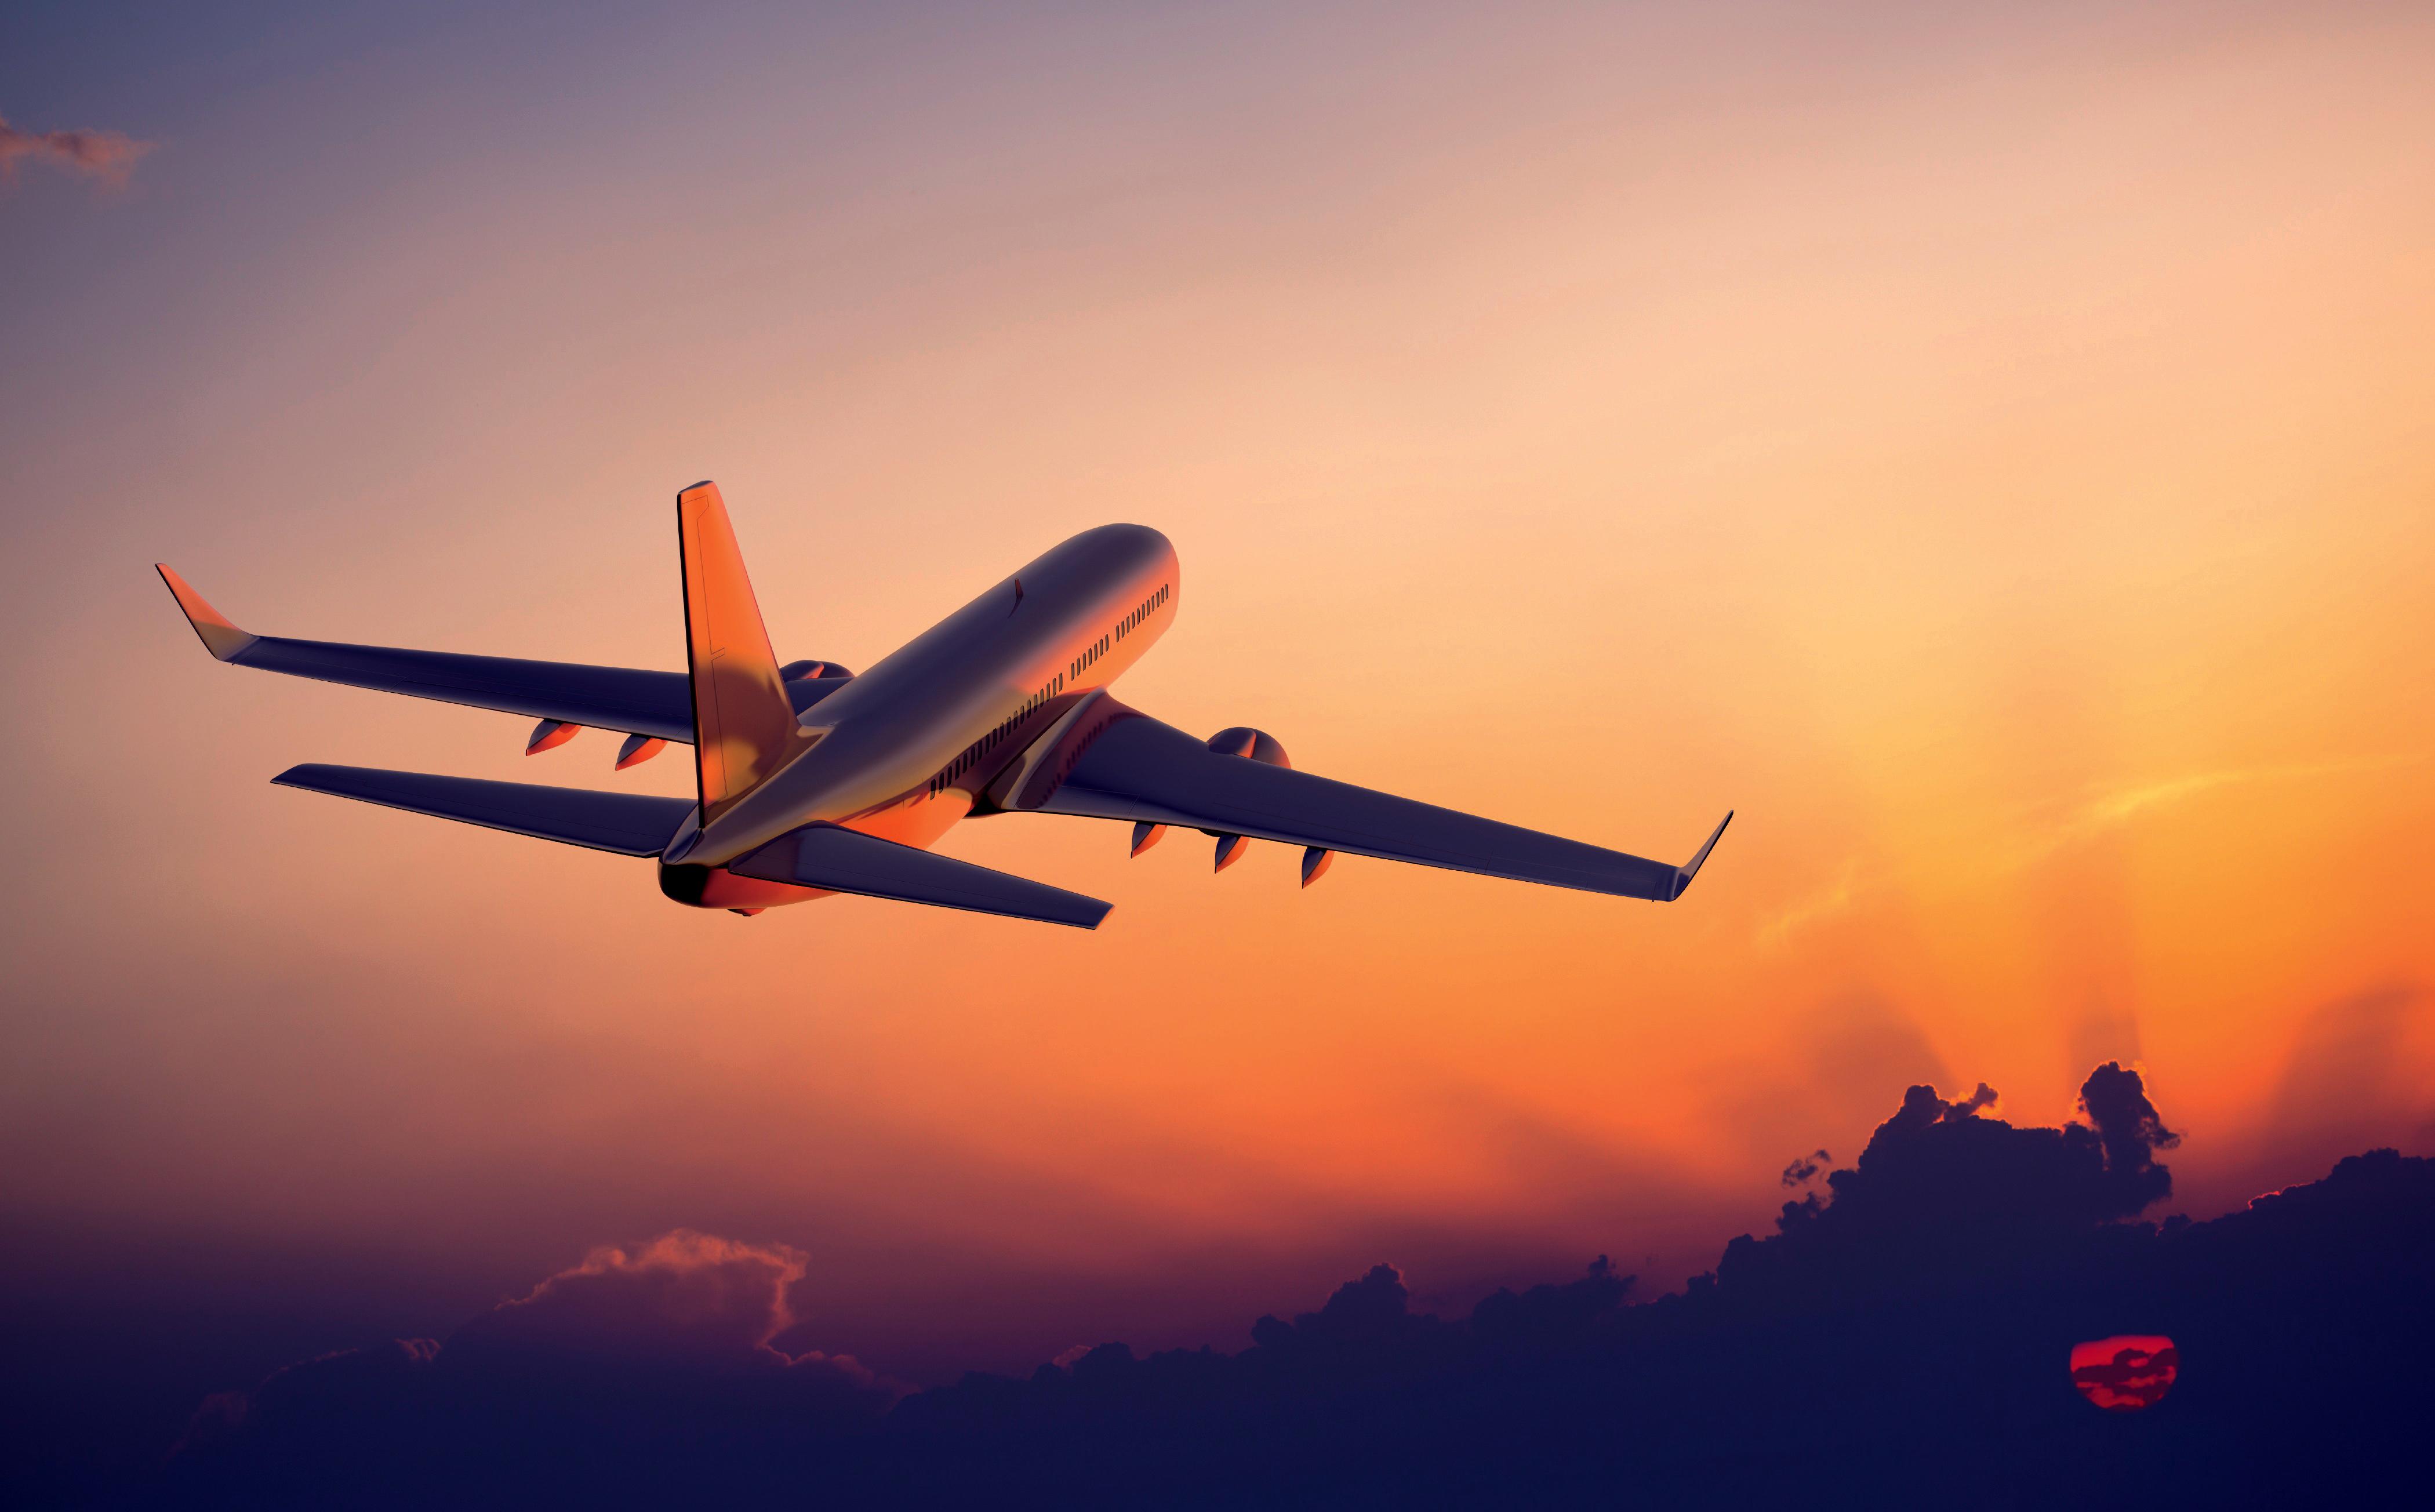 รวบรวมส่วนลด AirAsia มากมายไว้ที่นี่ ให้คุณบินลัดฟ้าในราคาที่สุดคุ้ม